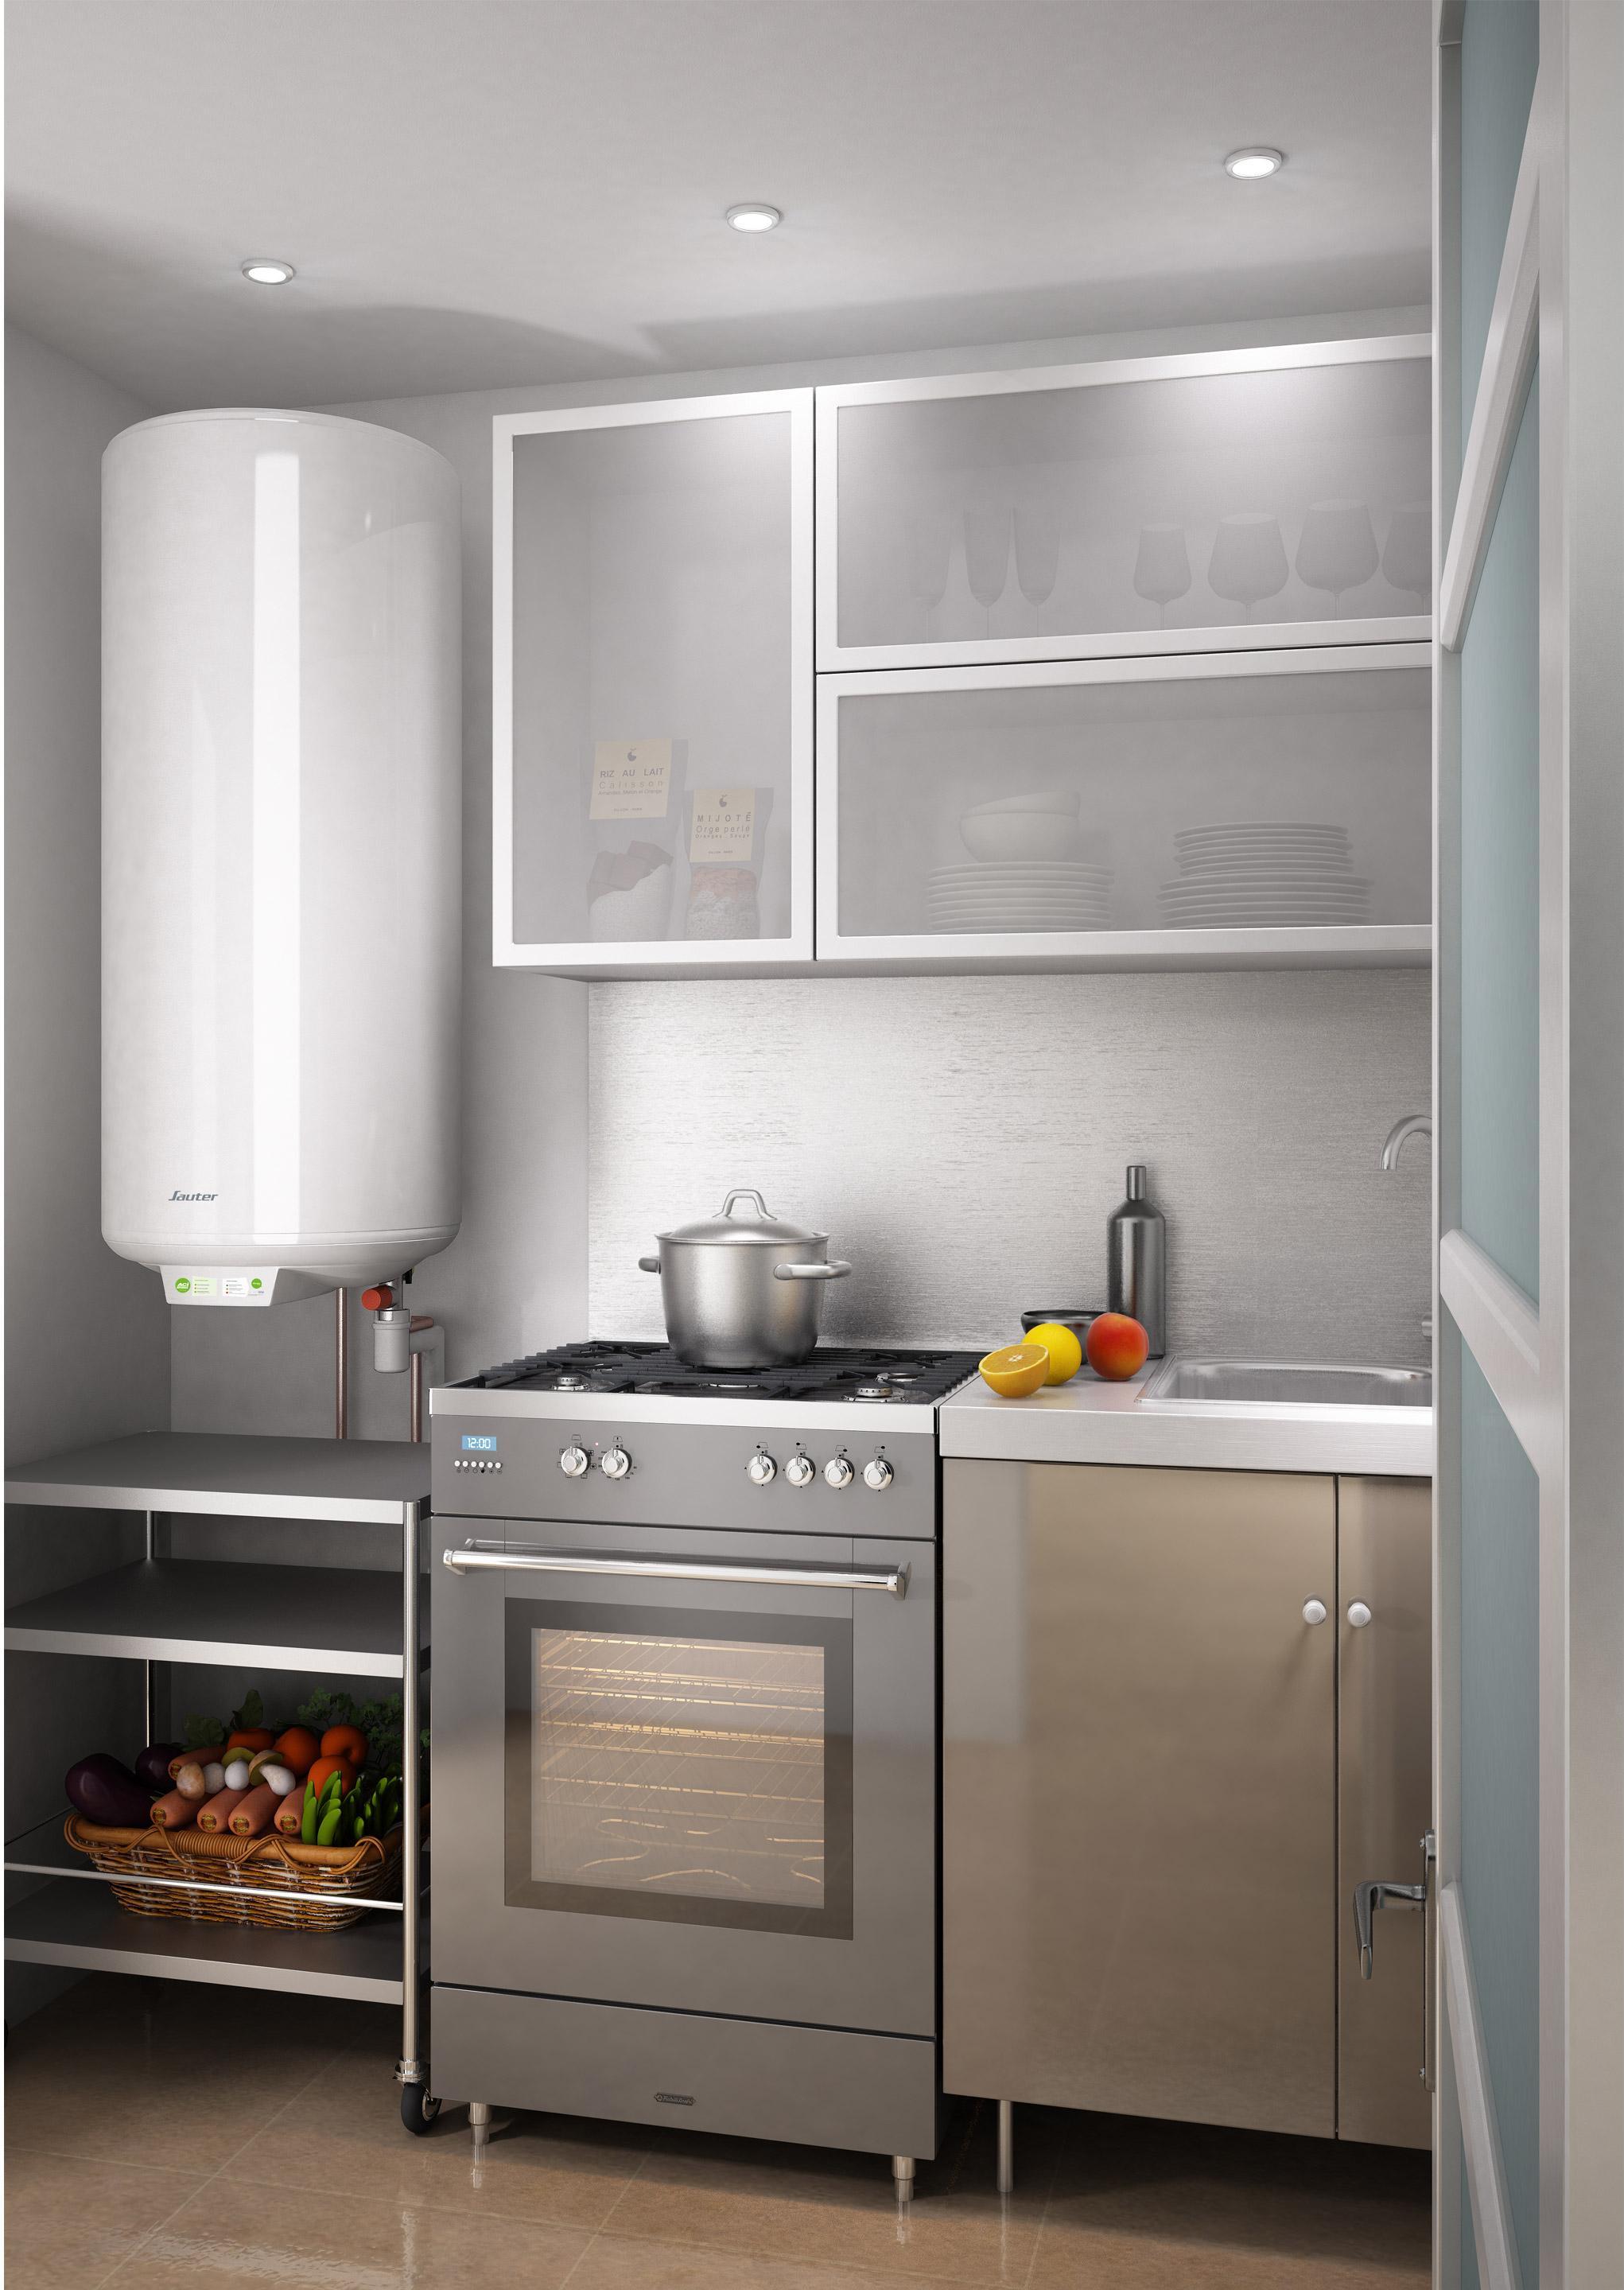 chauffe eau lectrique vertical mural sauter essentiel. Black Bedroom Furniture Sets. Home Design Ideas